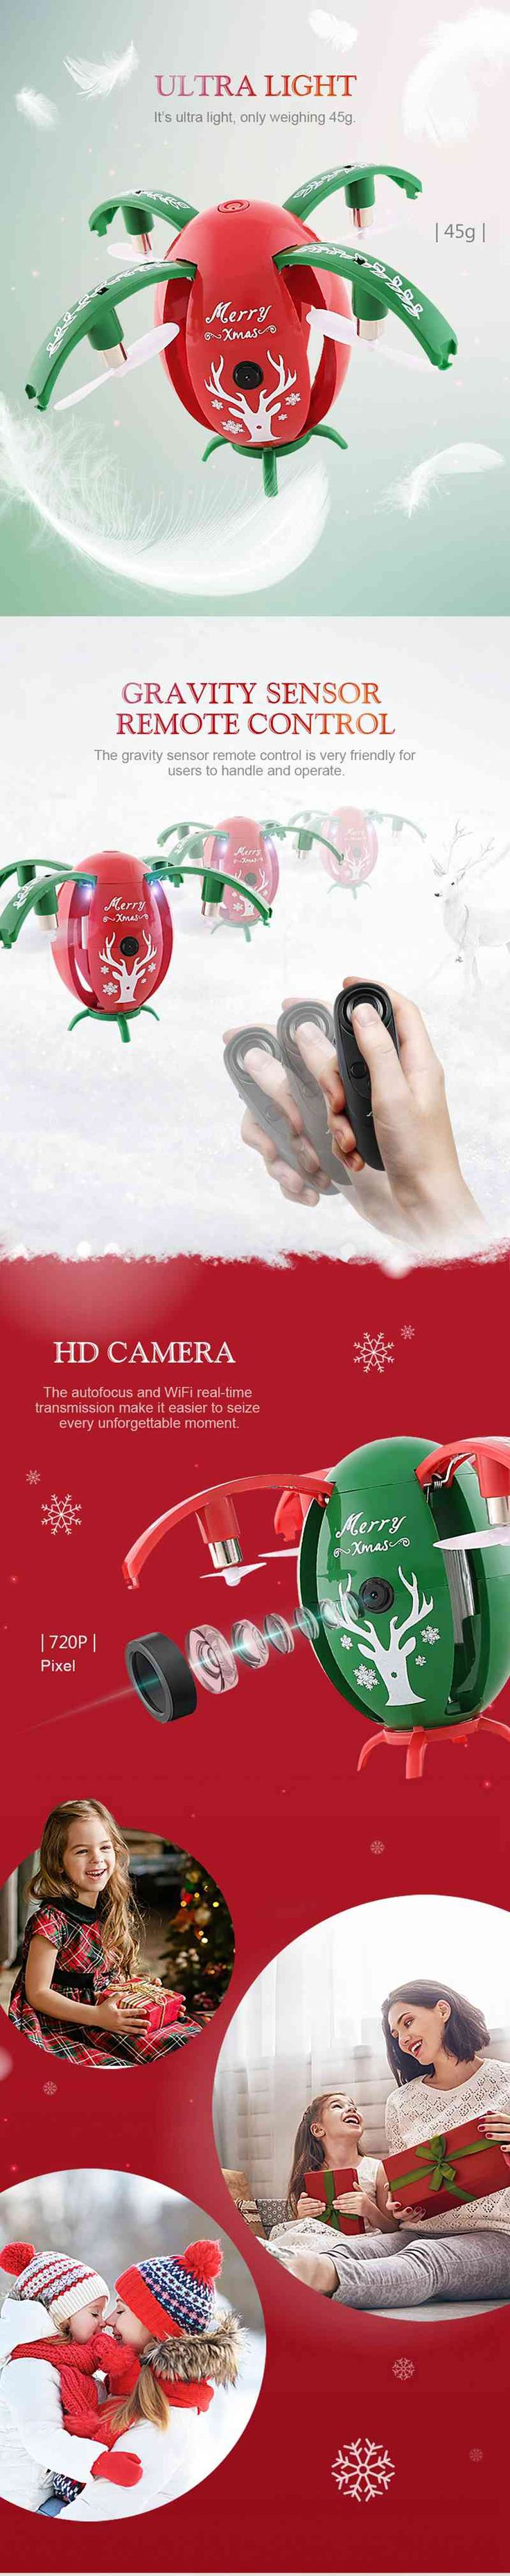 Christmas Egg Drone Quadcopter Kids Christmas Gift Presents